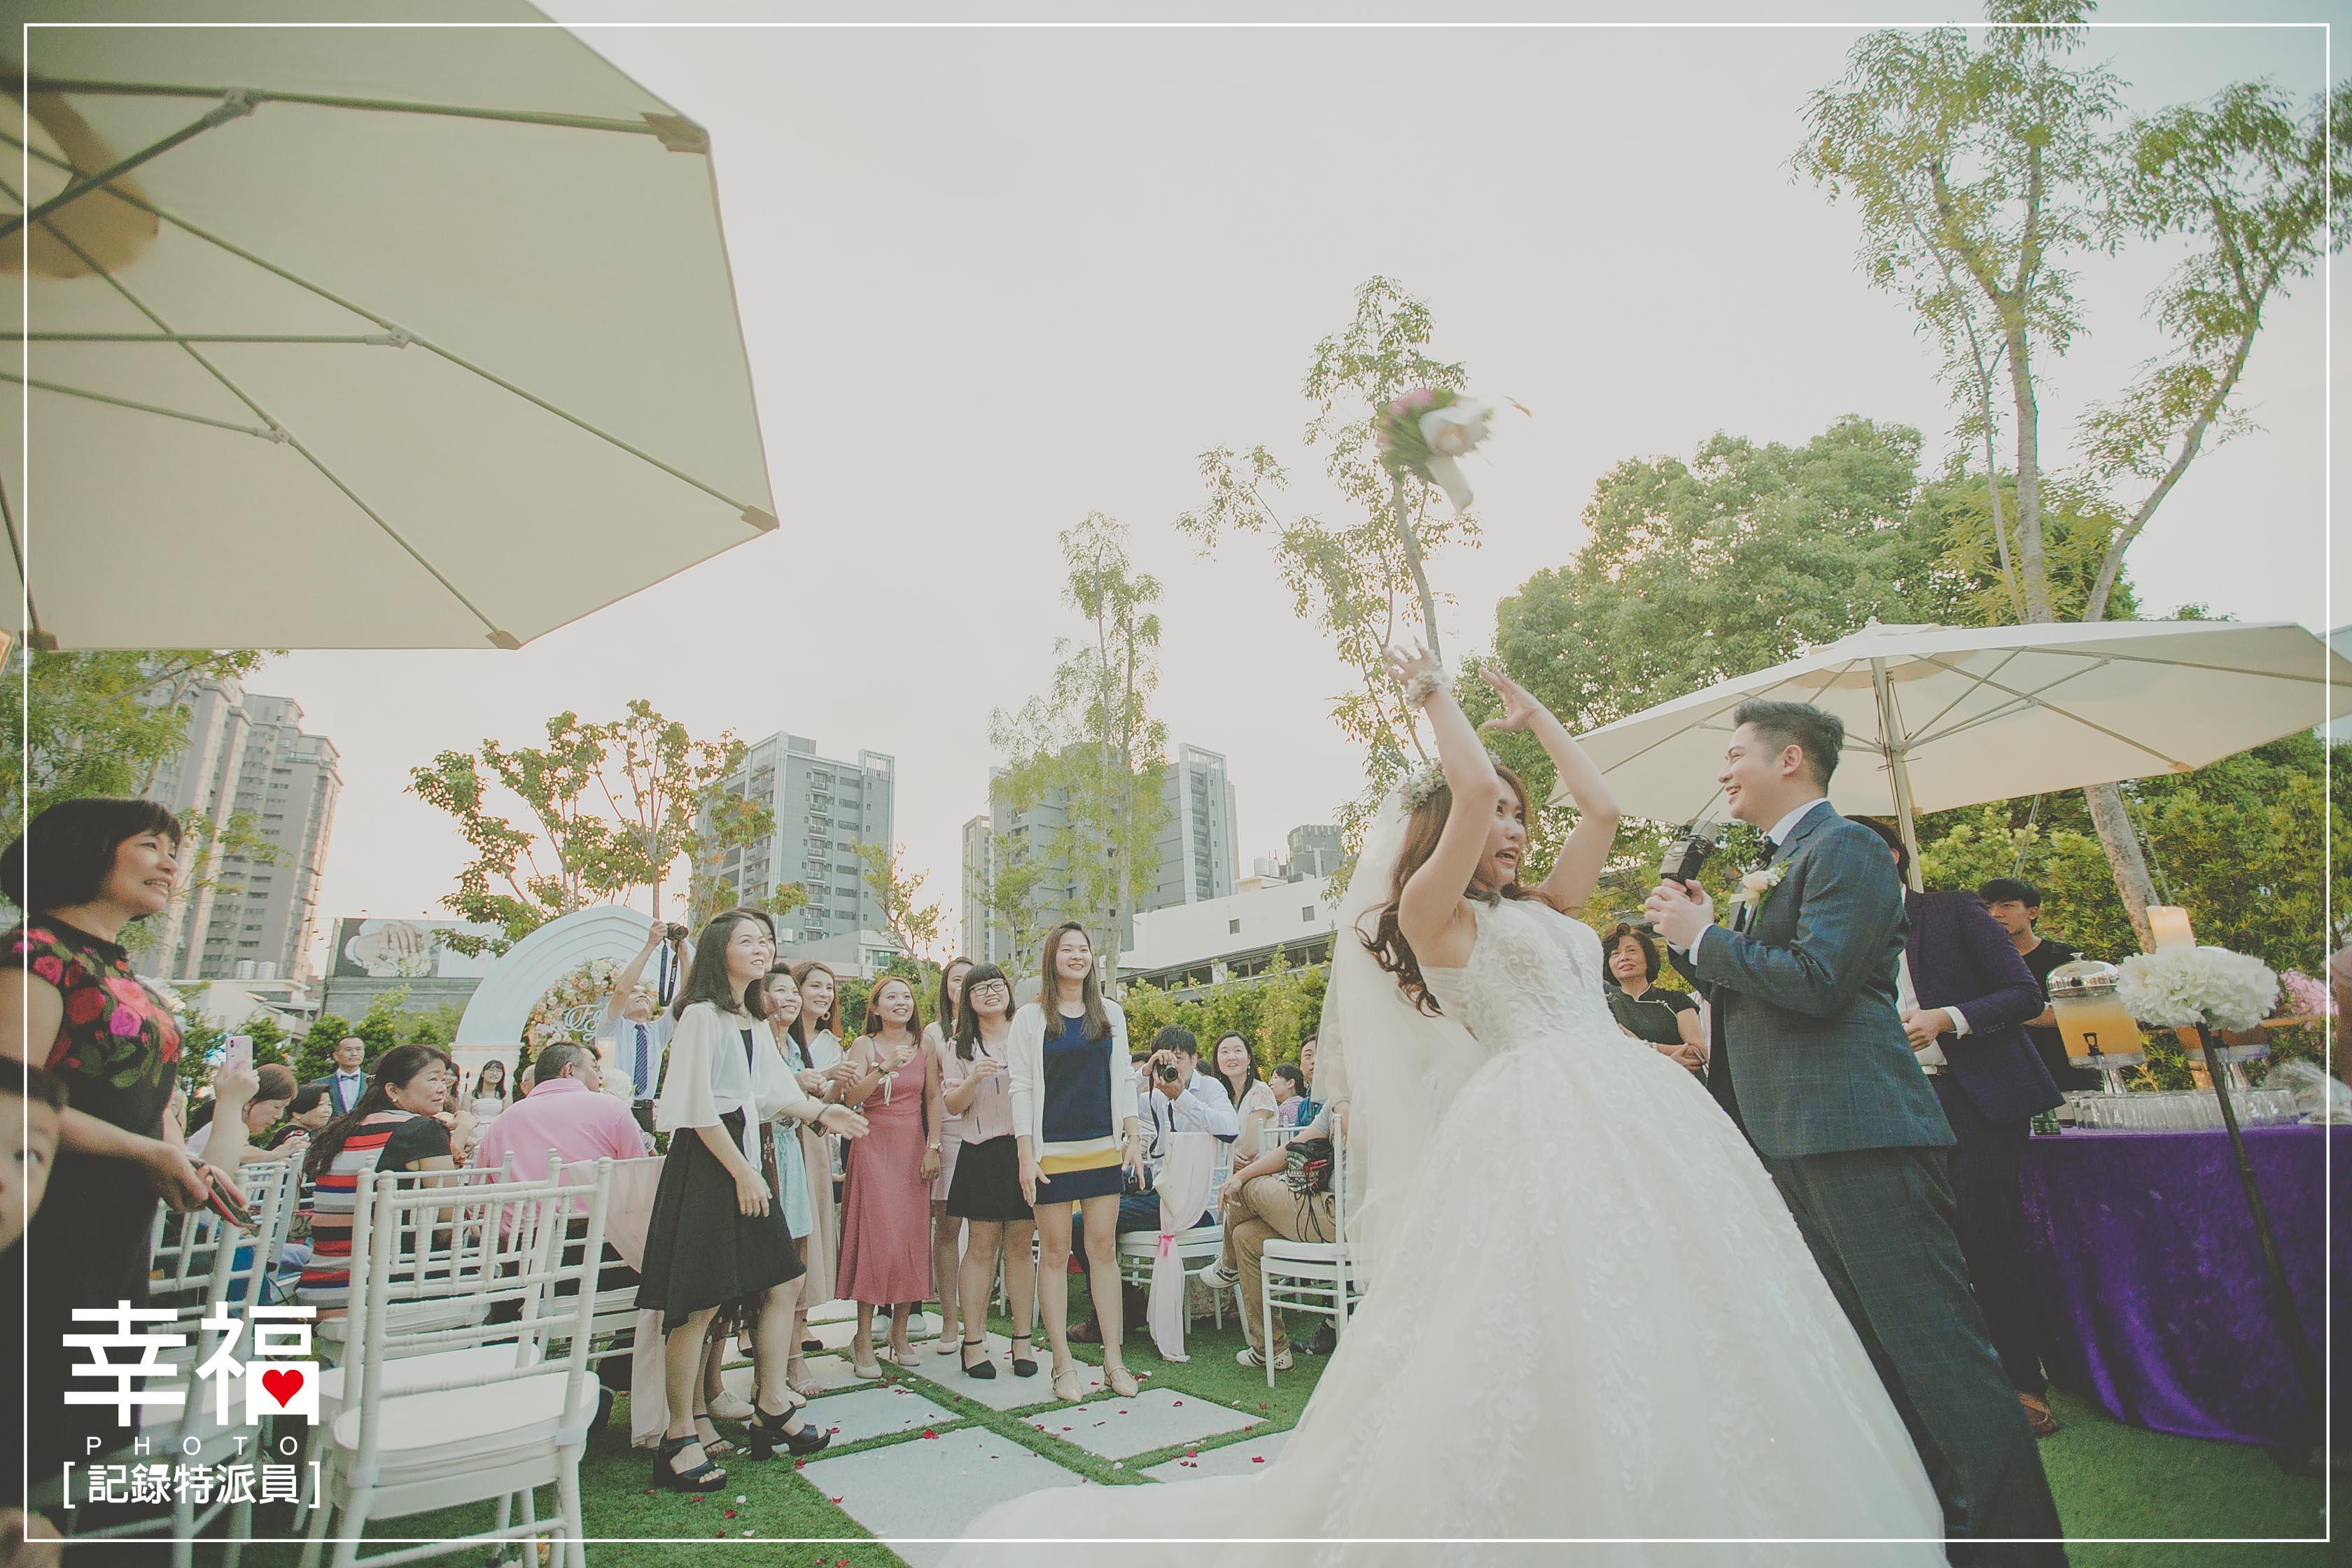 『婚禮記錄』青青格麗絲莊園戶外證婚